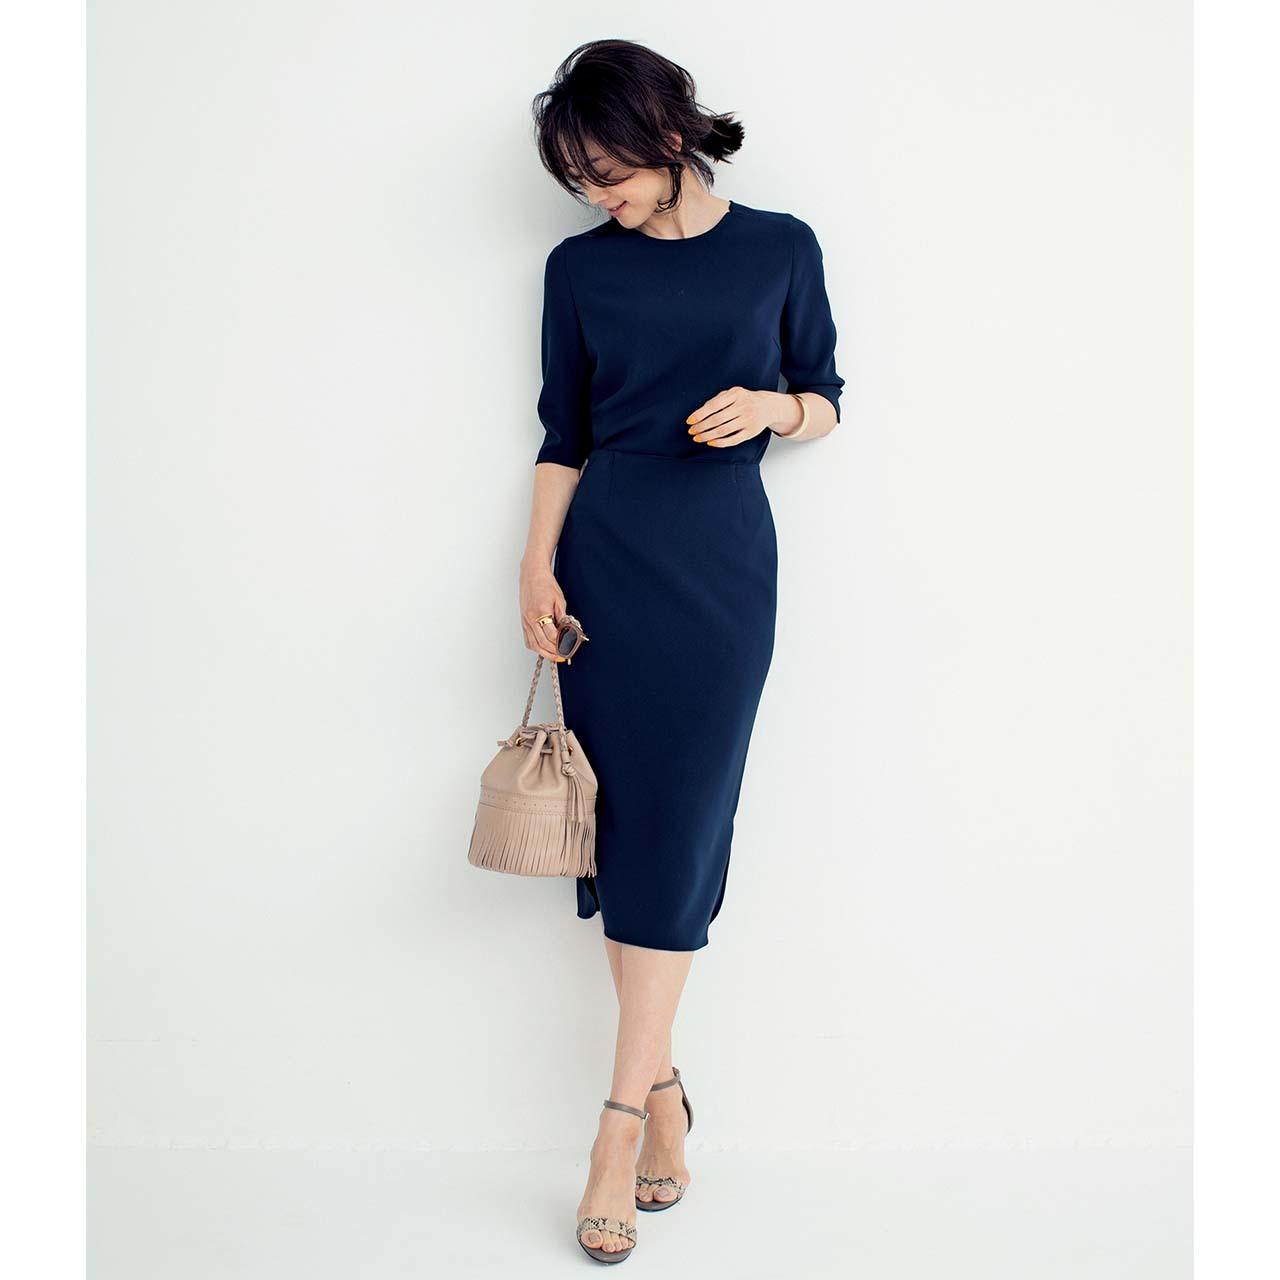 とろみセットアップを着用したモデルの高垣麗子さん